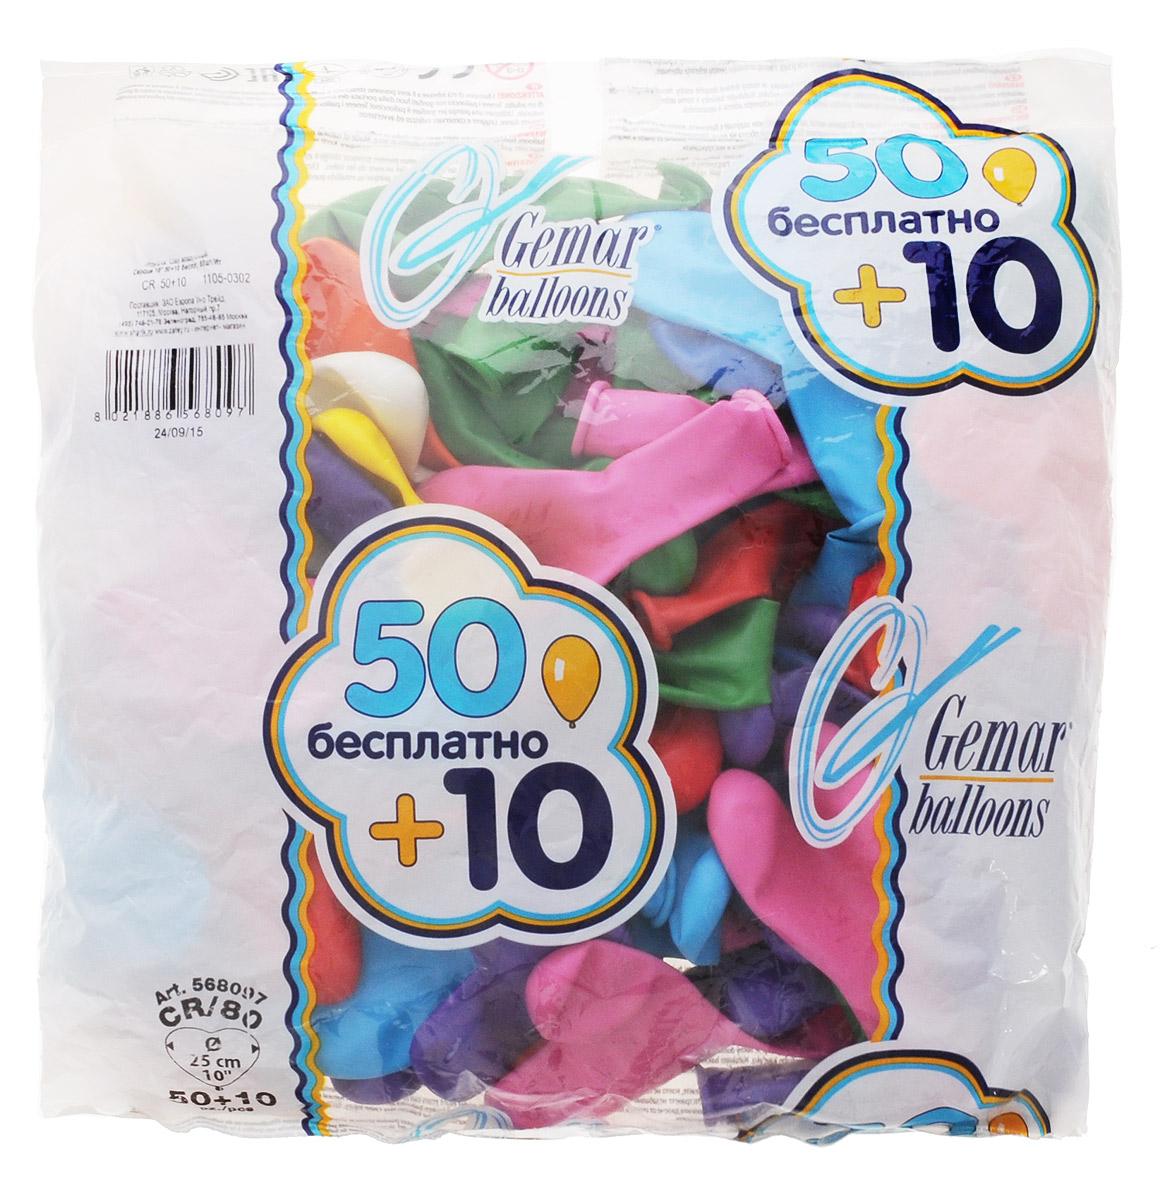 Gemar Набор воздушных шаров Сердце1105-0302_микс(цветные)Набор шаров Сердце - это набор латексных шариков высочайшего качества. Разноцветные шары в форме сердца выполнены без надписей. Свадьба, 14 февраля или просто признание в любви - воздушные шарики в форме сердечка сделают любое событие незабываемым! Набор содержит 60 разноцветных шаров.